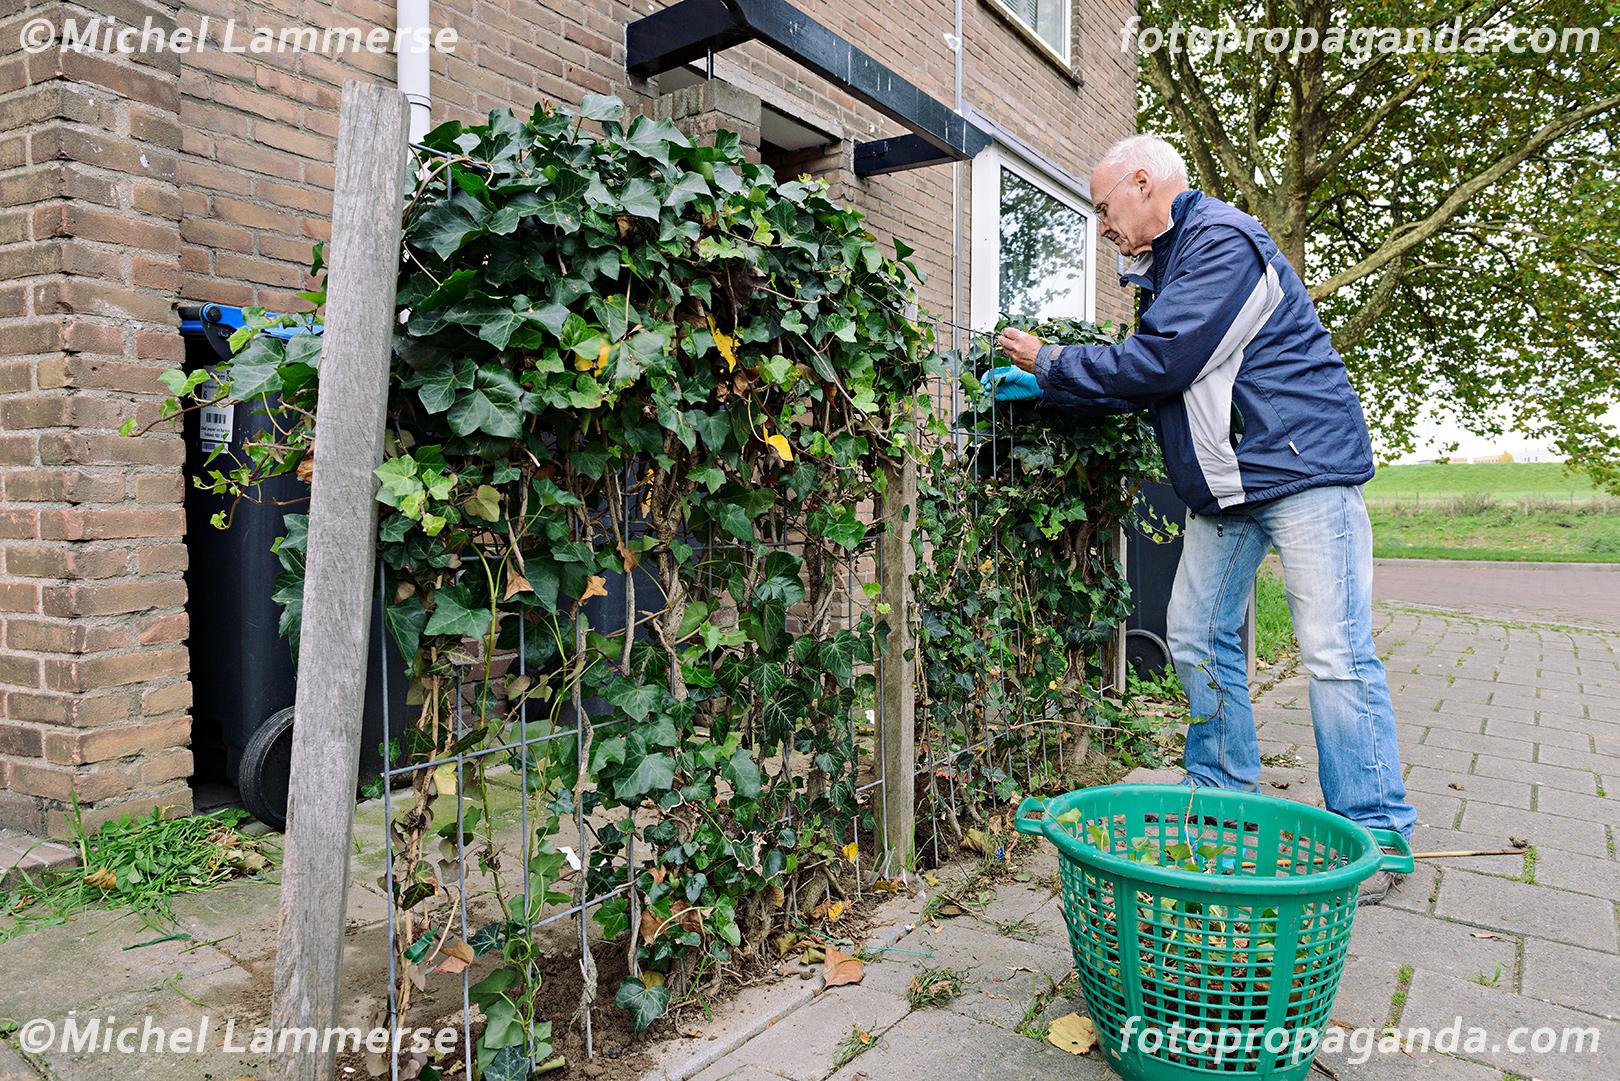 Tuin-oprruimactie Kruidenbuurt